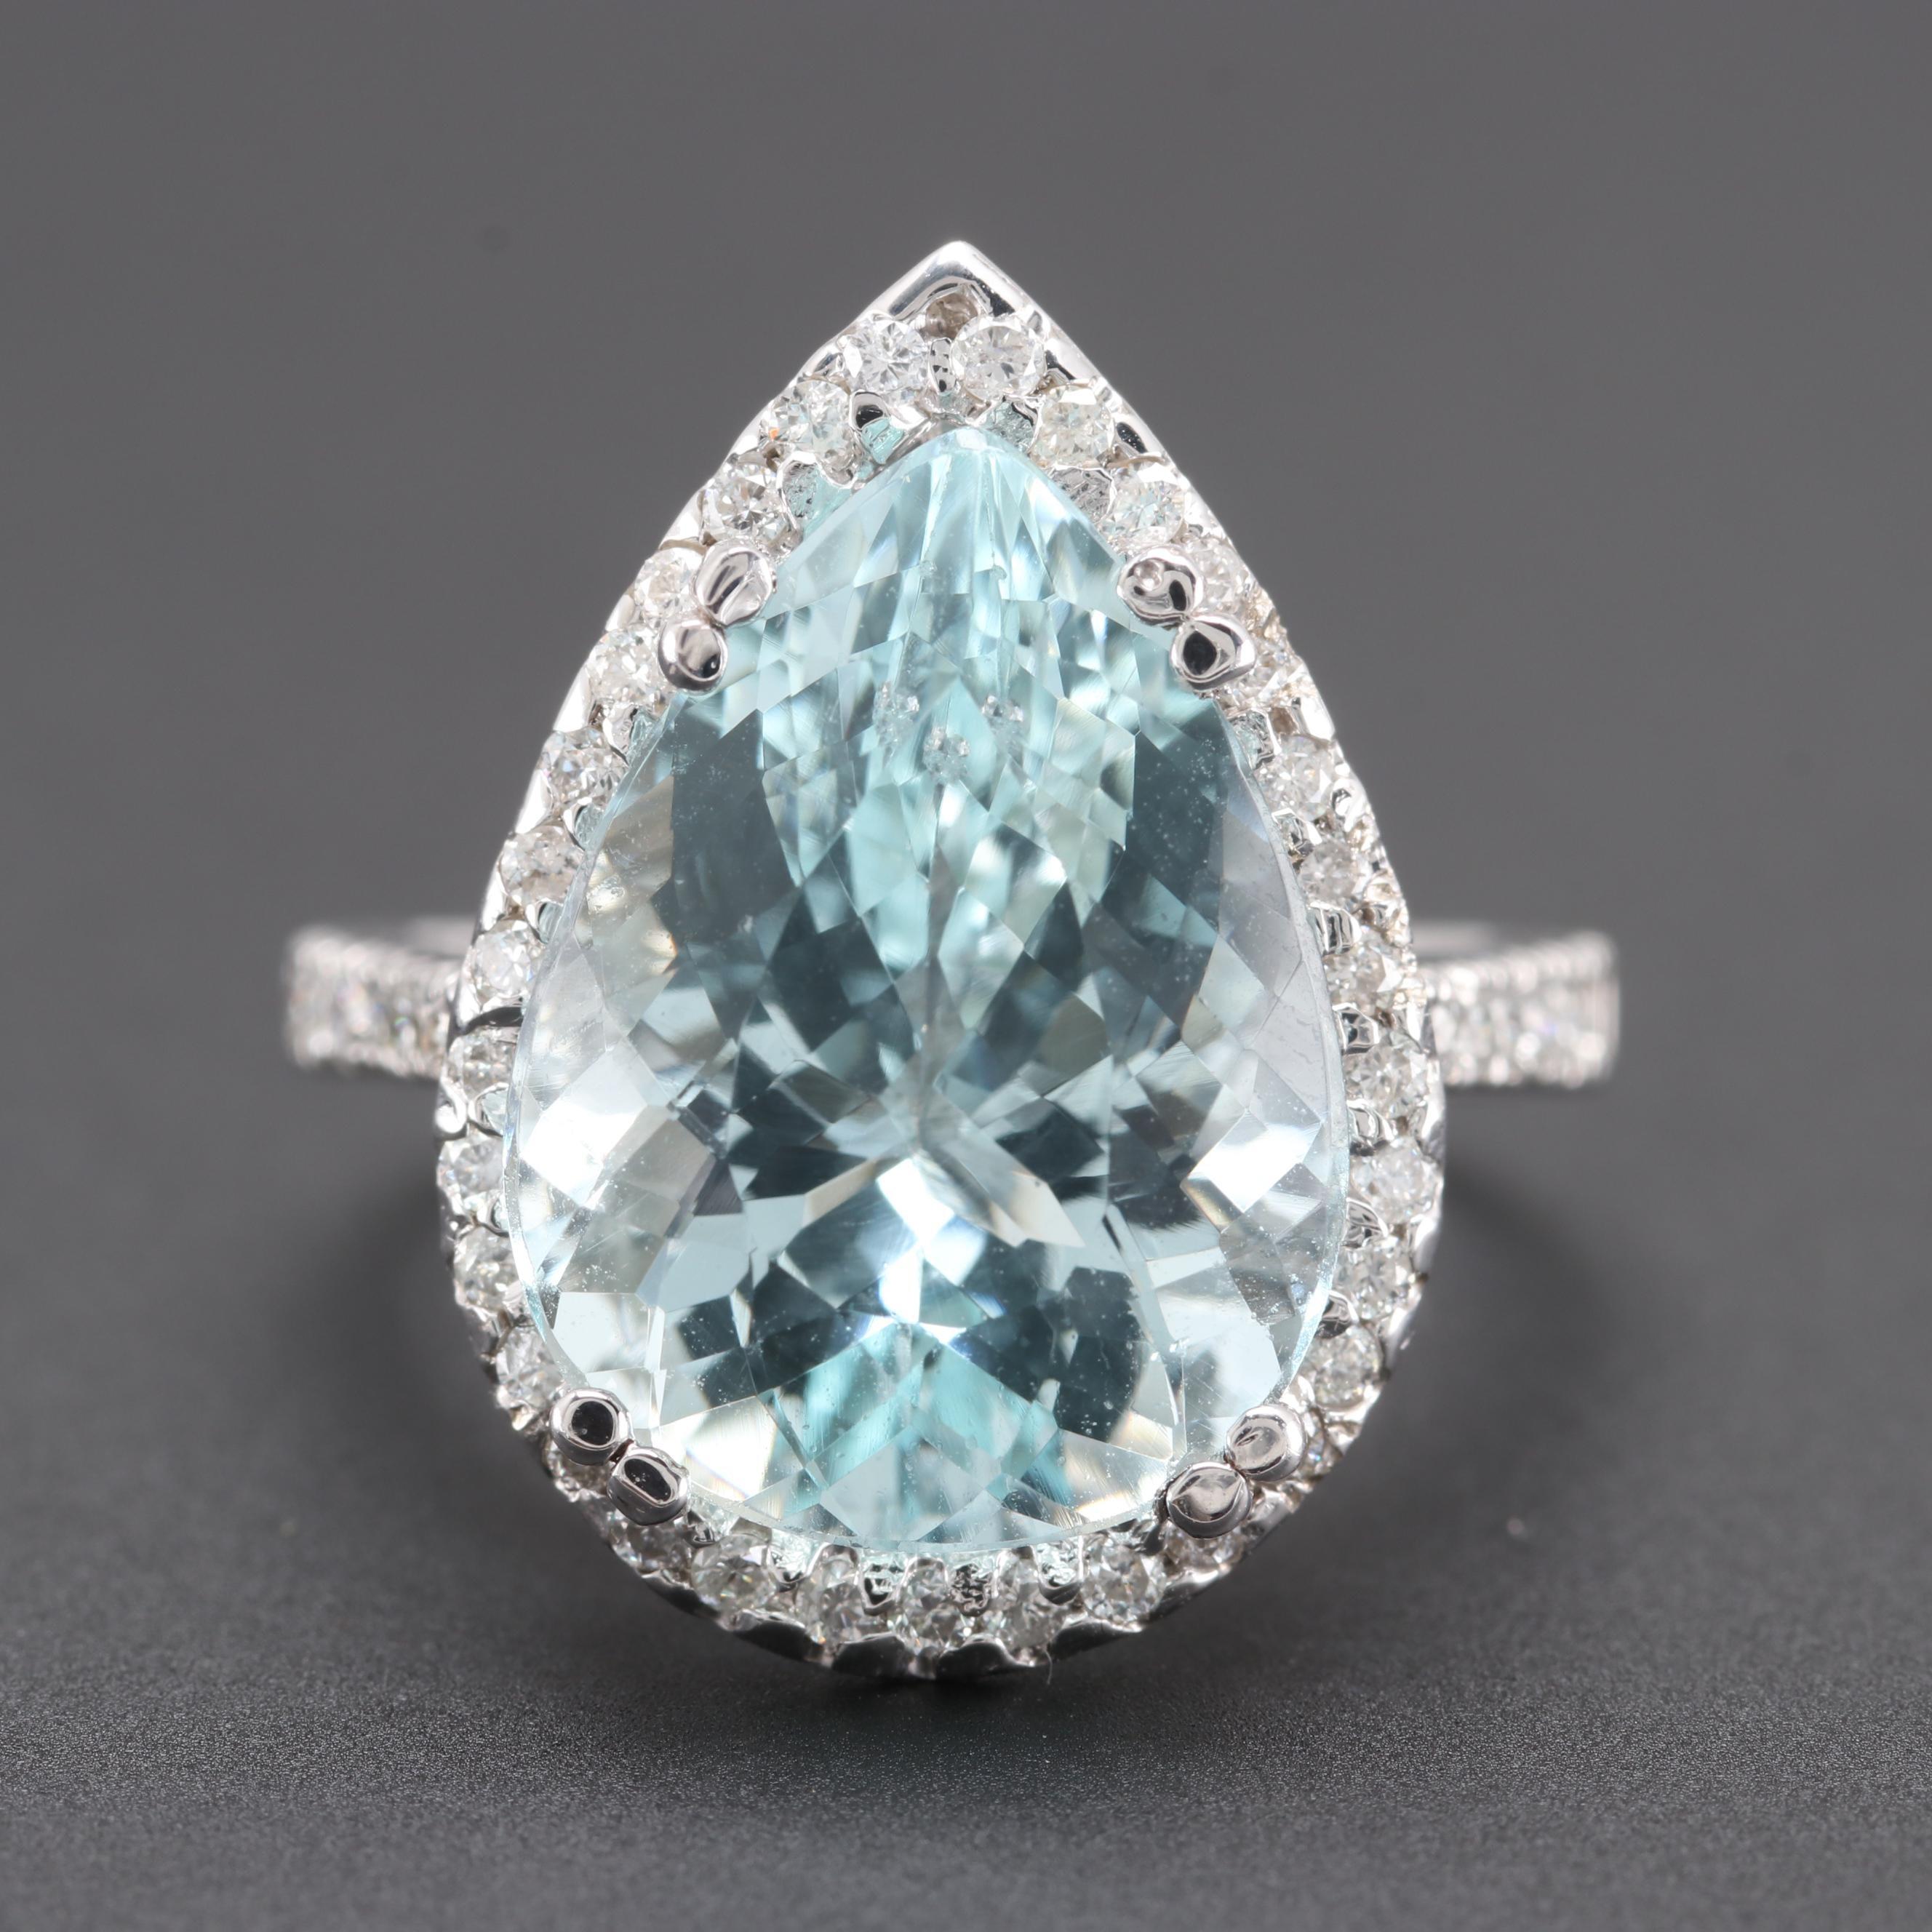 14K White Gold 7.98 CT Aquamarine and Diamond Ring